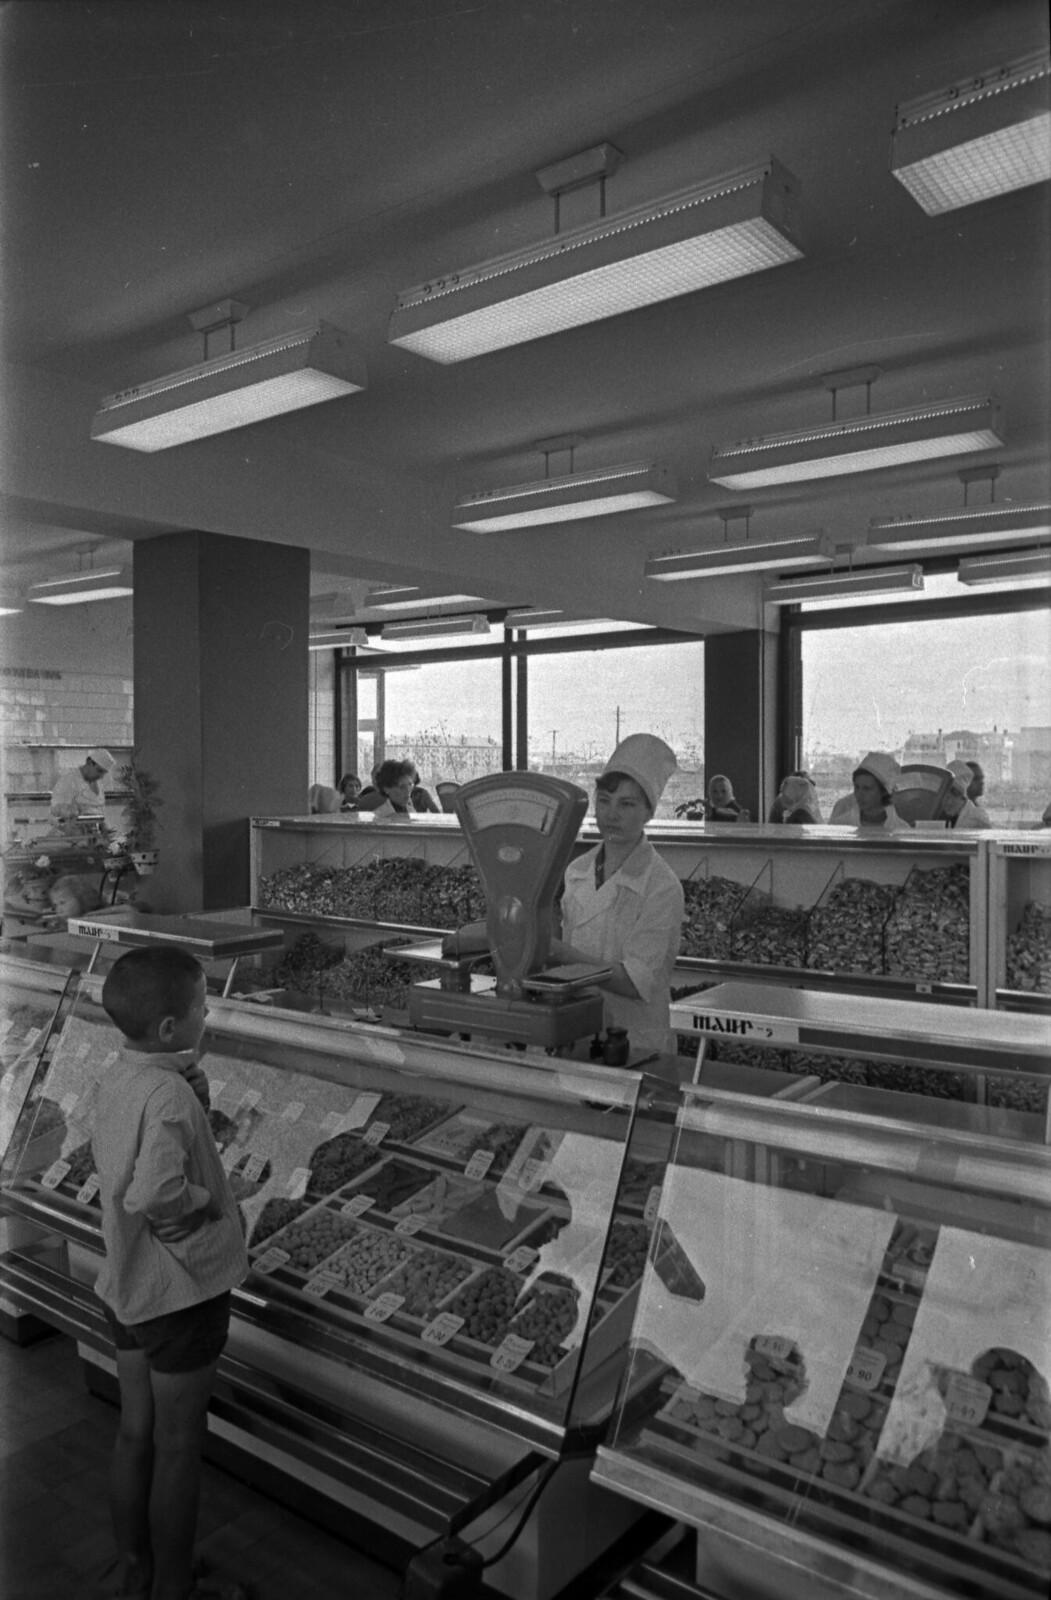 1967. Сладости. В магазинах изобилие продуктов и широкий выбор, 50-летие Марийской АССР, г. Йошкар-Ола